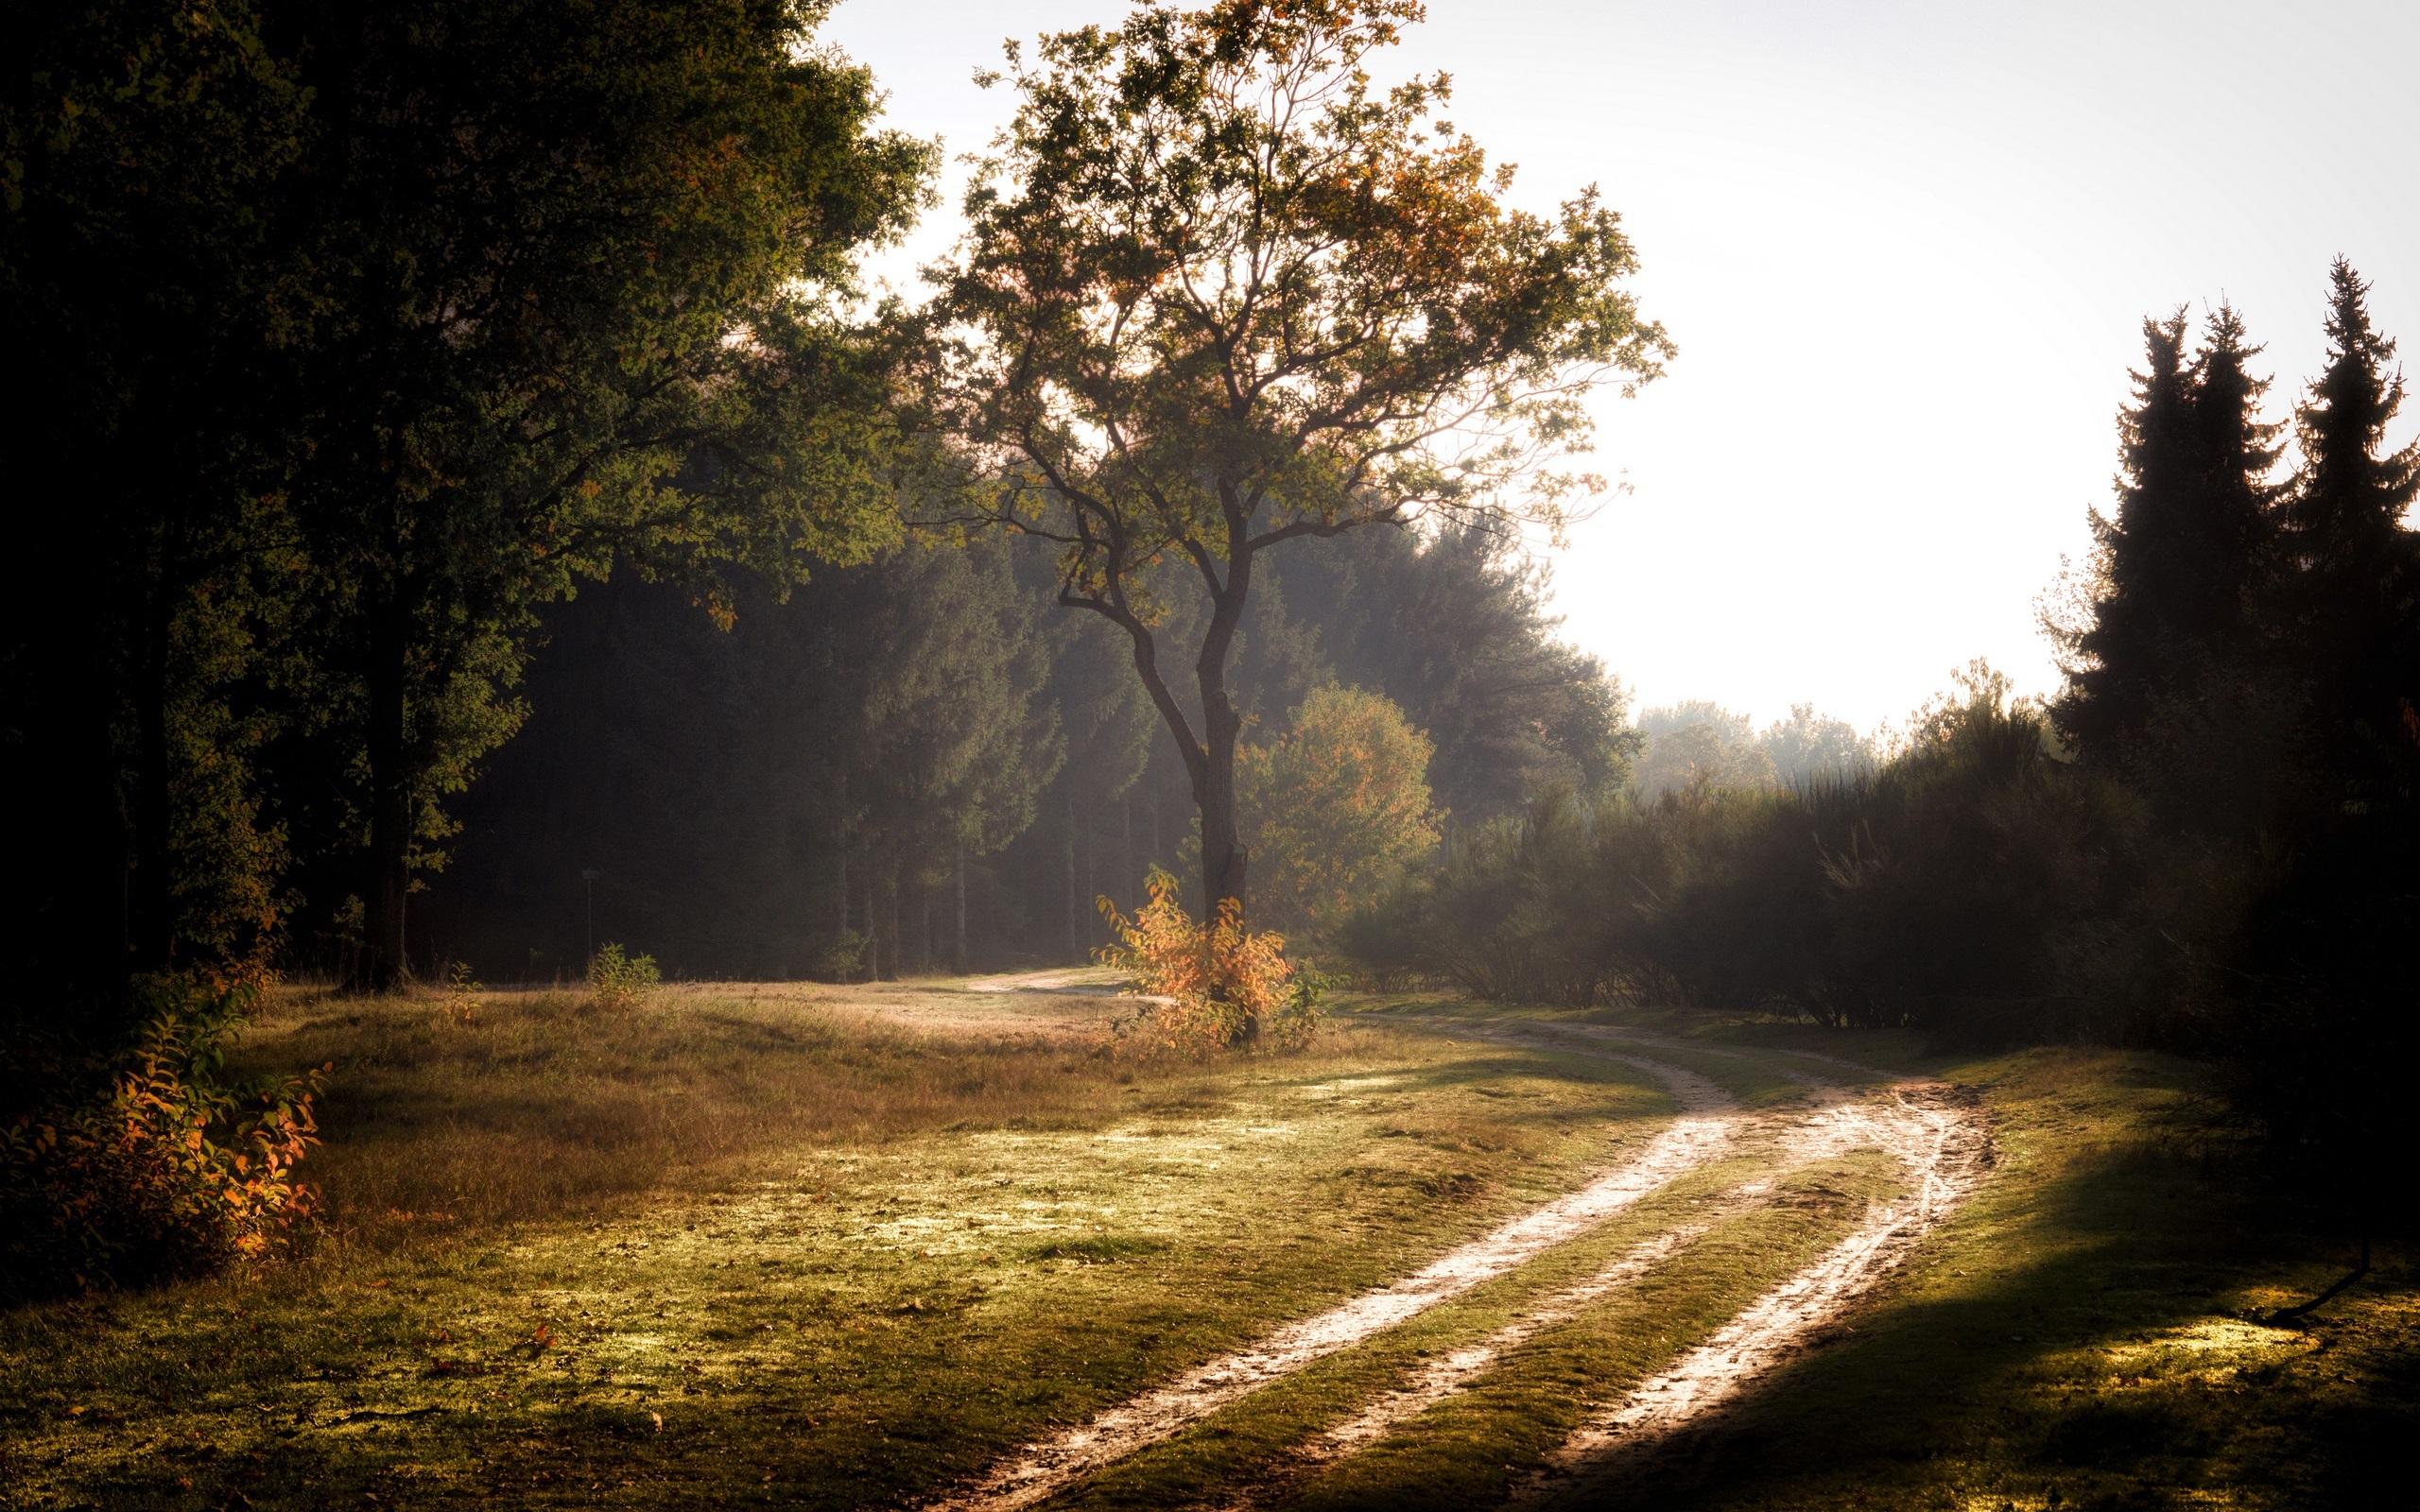 Fondos De Pantalla Verano, Bosque, Camino, árboles